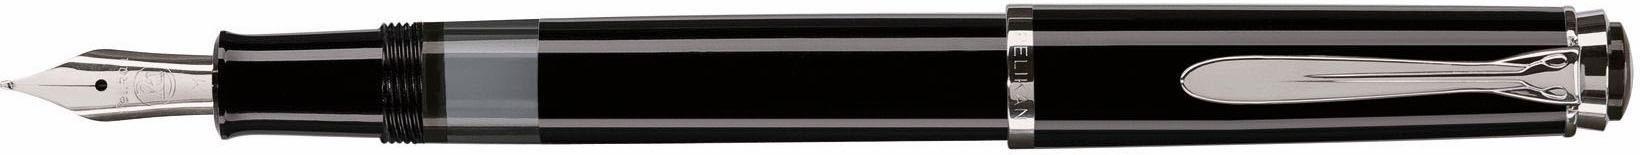 Pelikan vulpen, »Classic M 205, zwart, veerbreedte M« bij OTTO online kopen